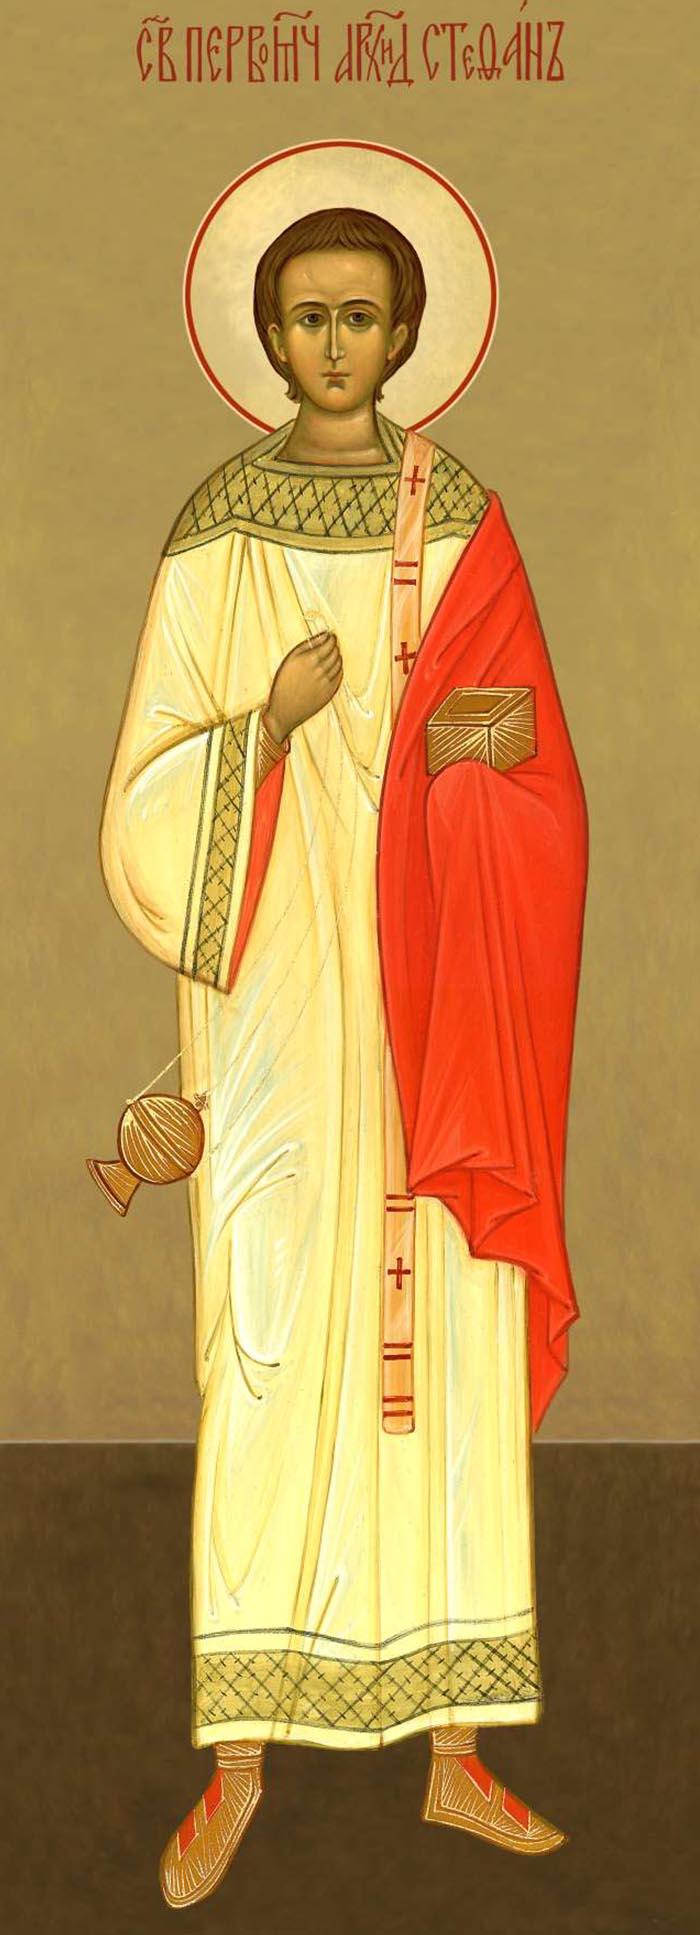 Молитвы святому первомученику архидиакону Стефану